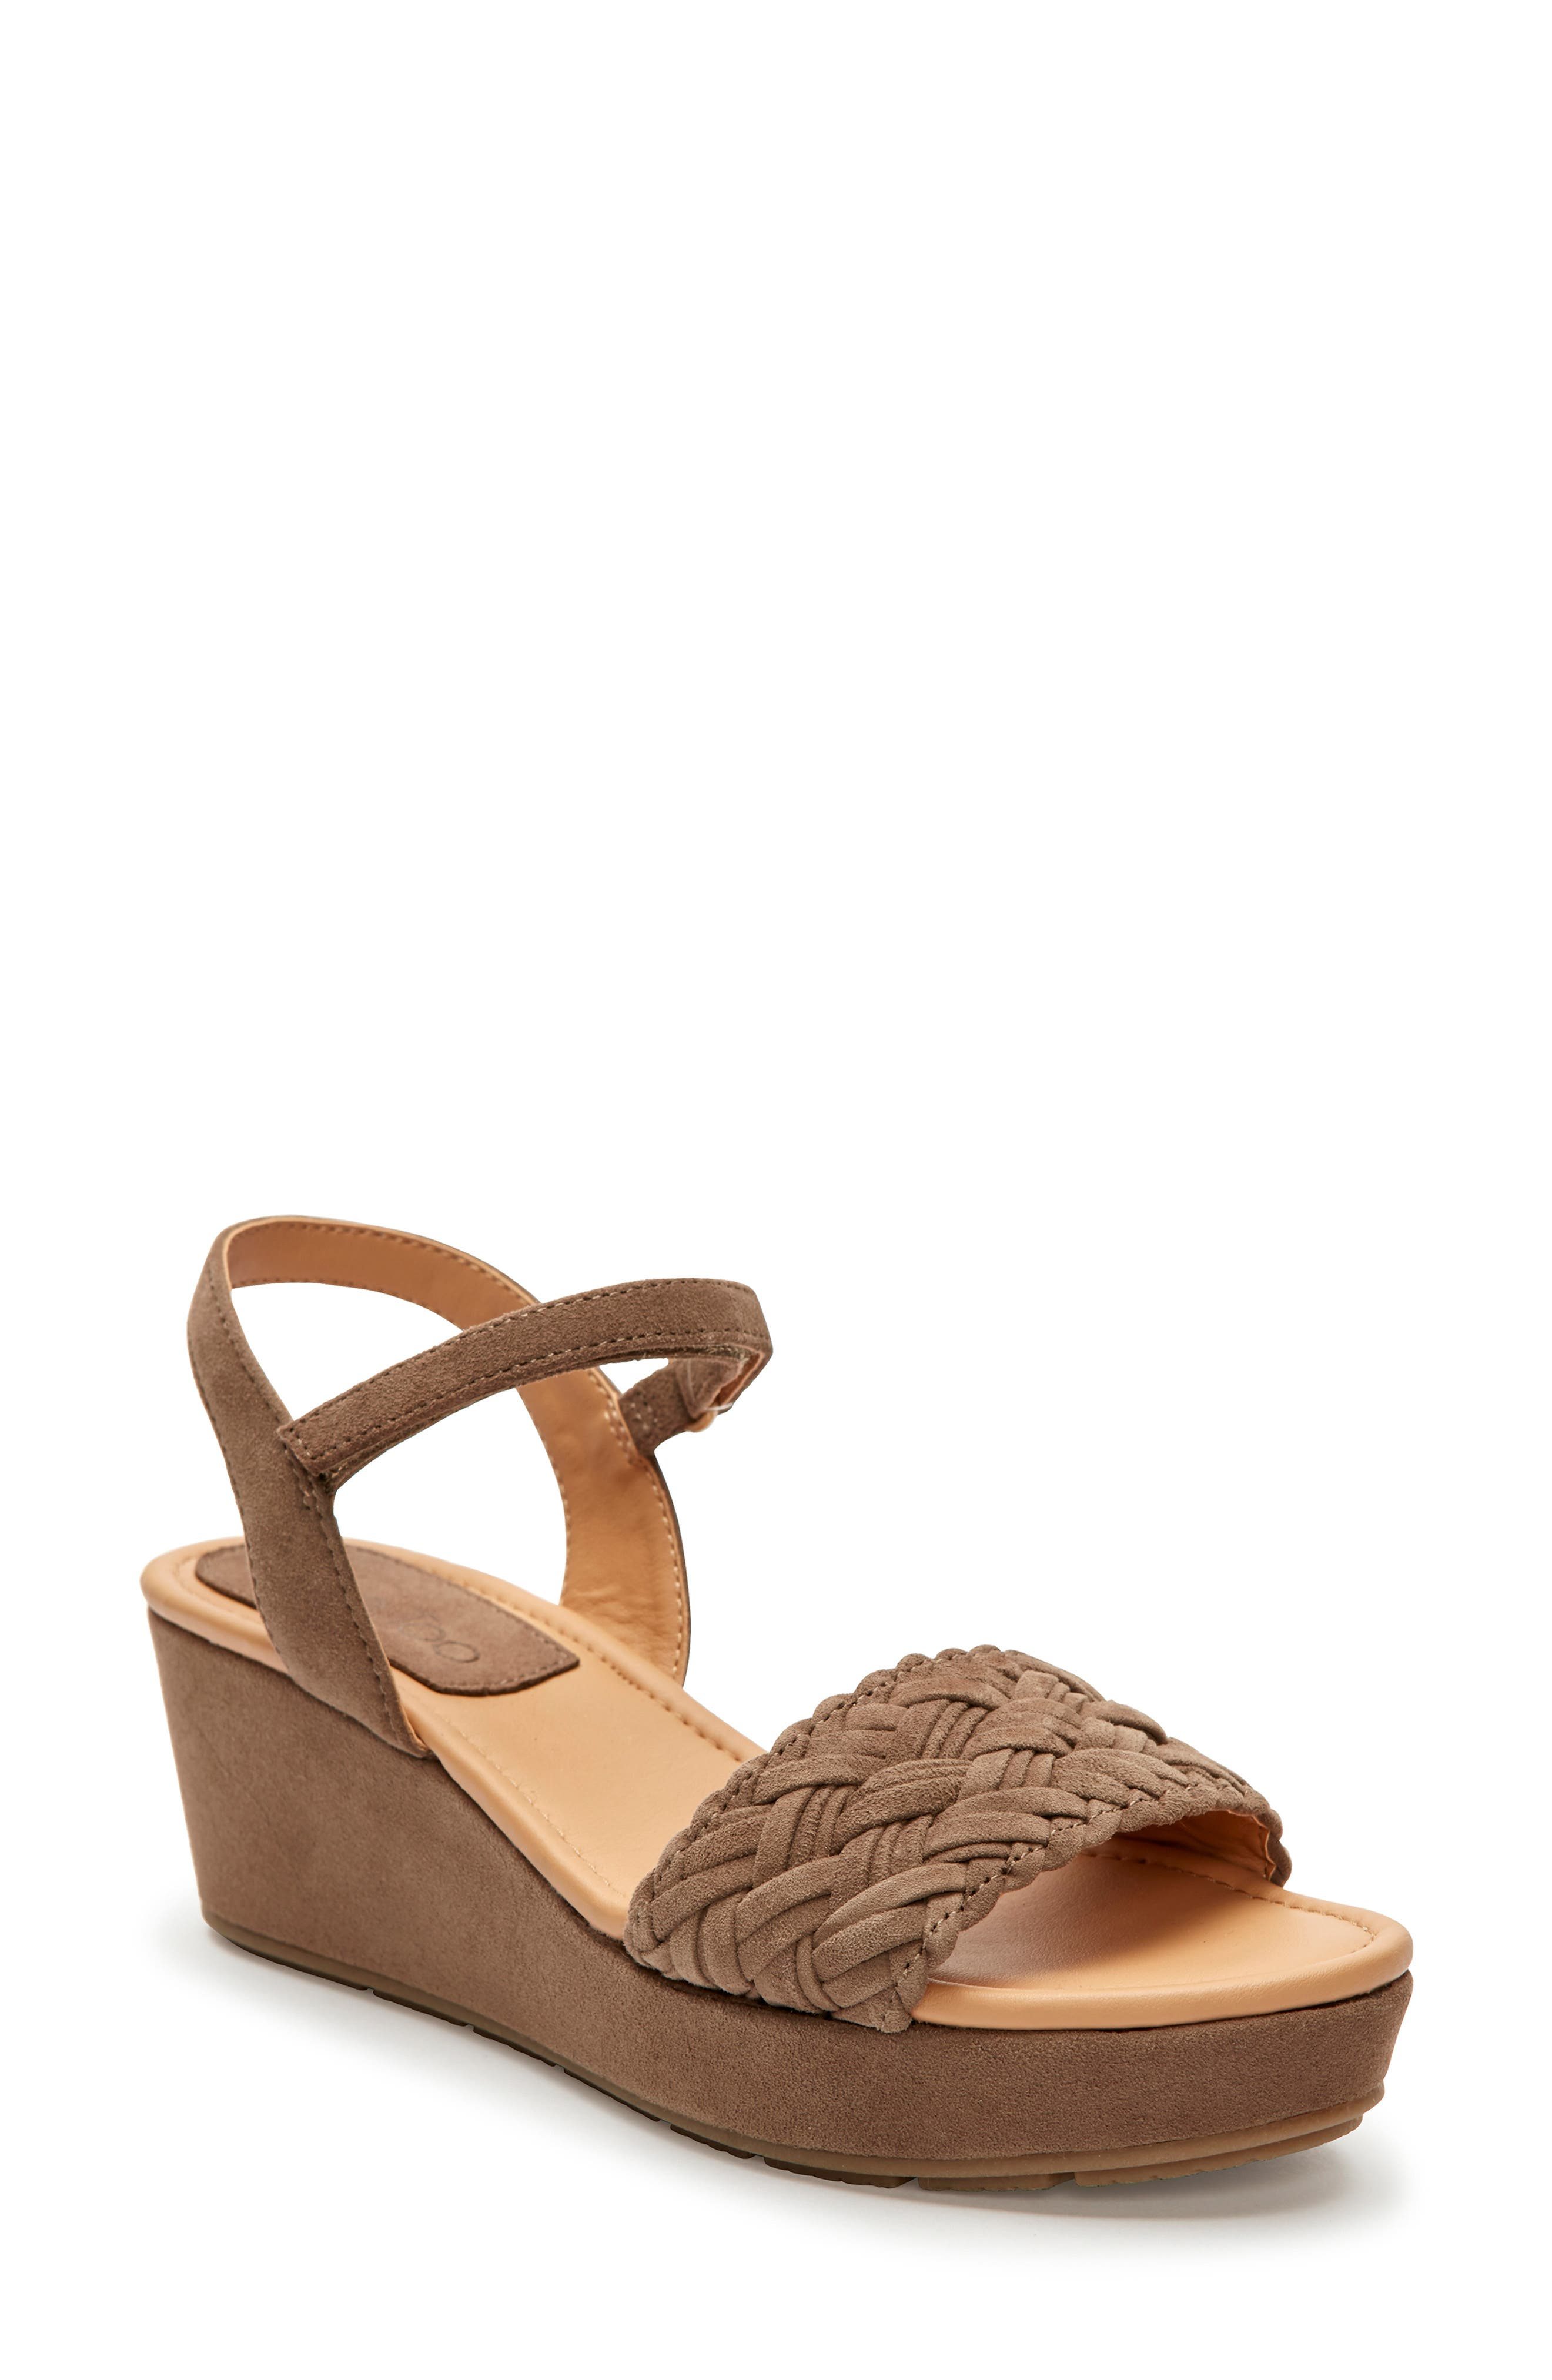 Me Too Abella Wedge Sandal, Brown